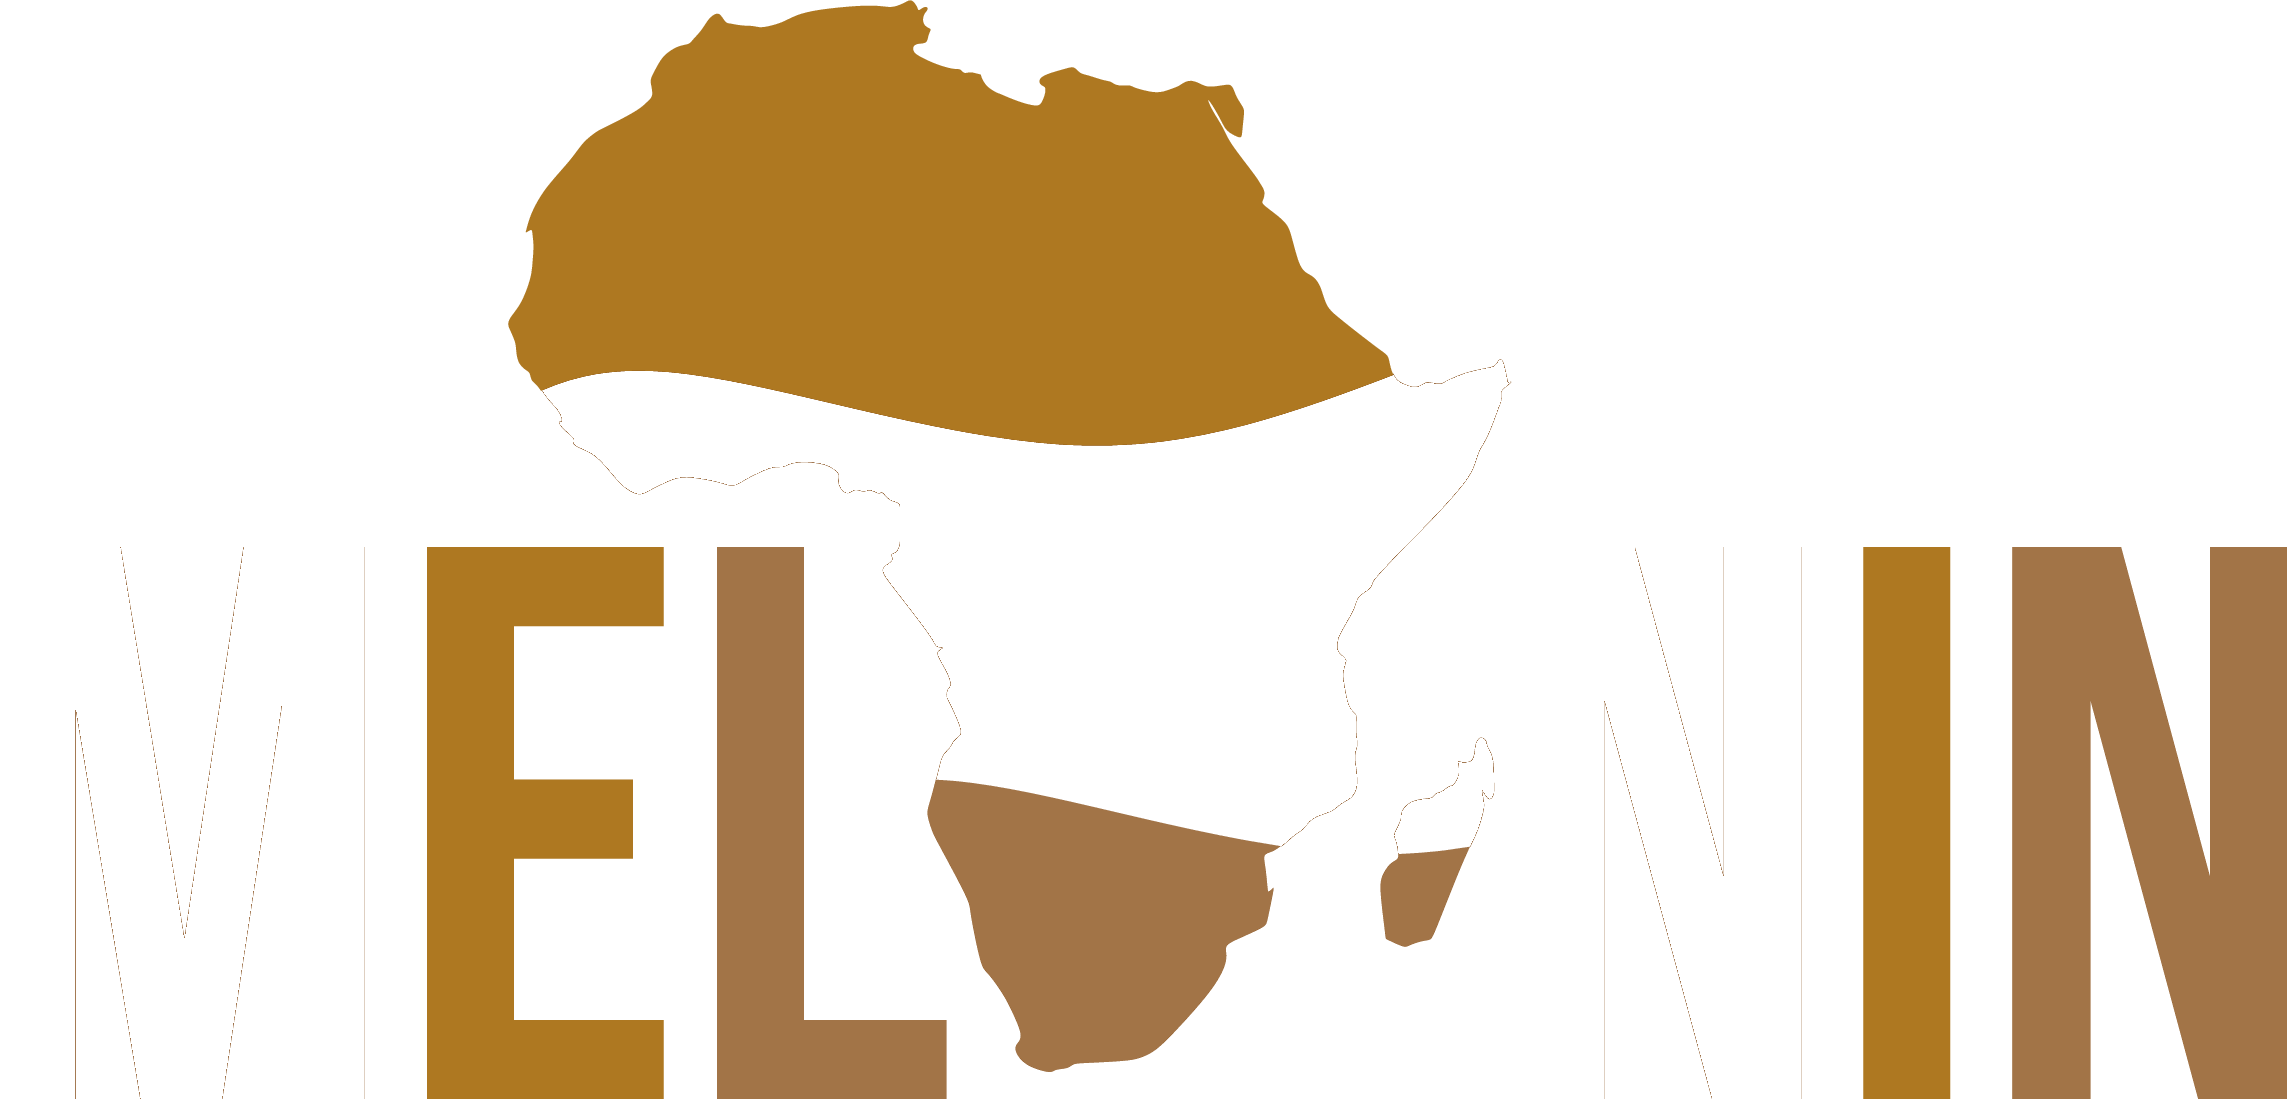 Melanin africa